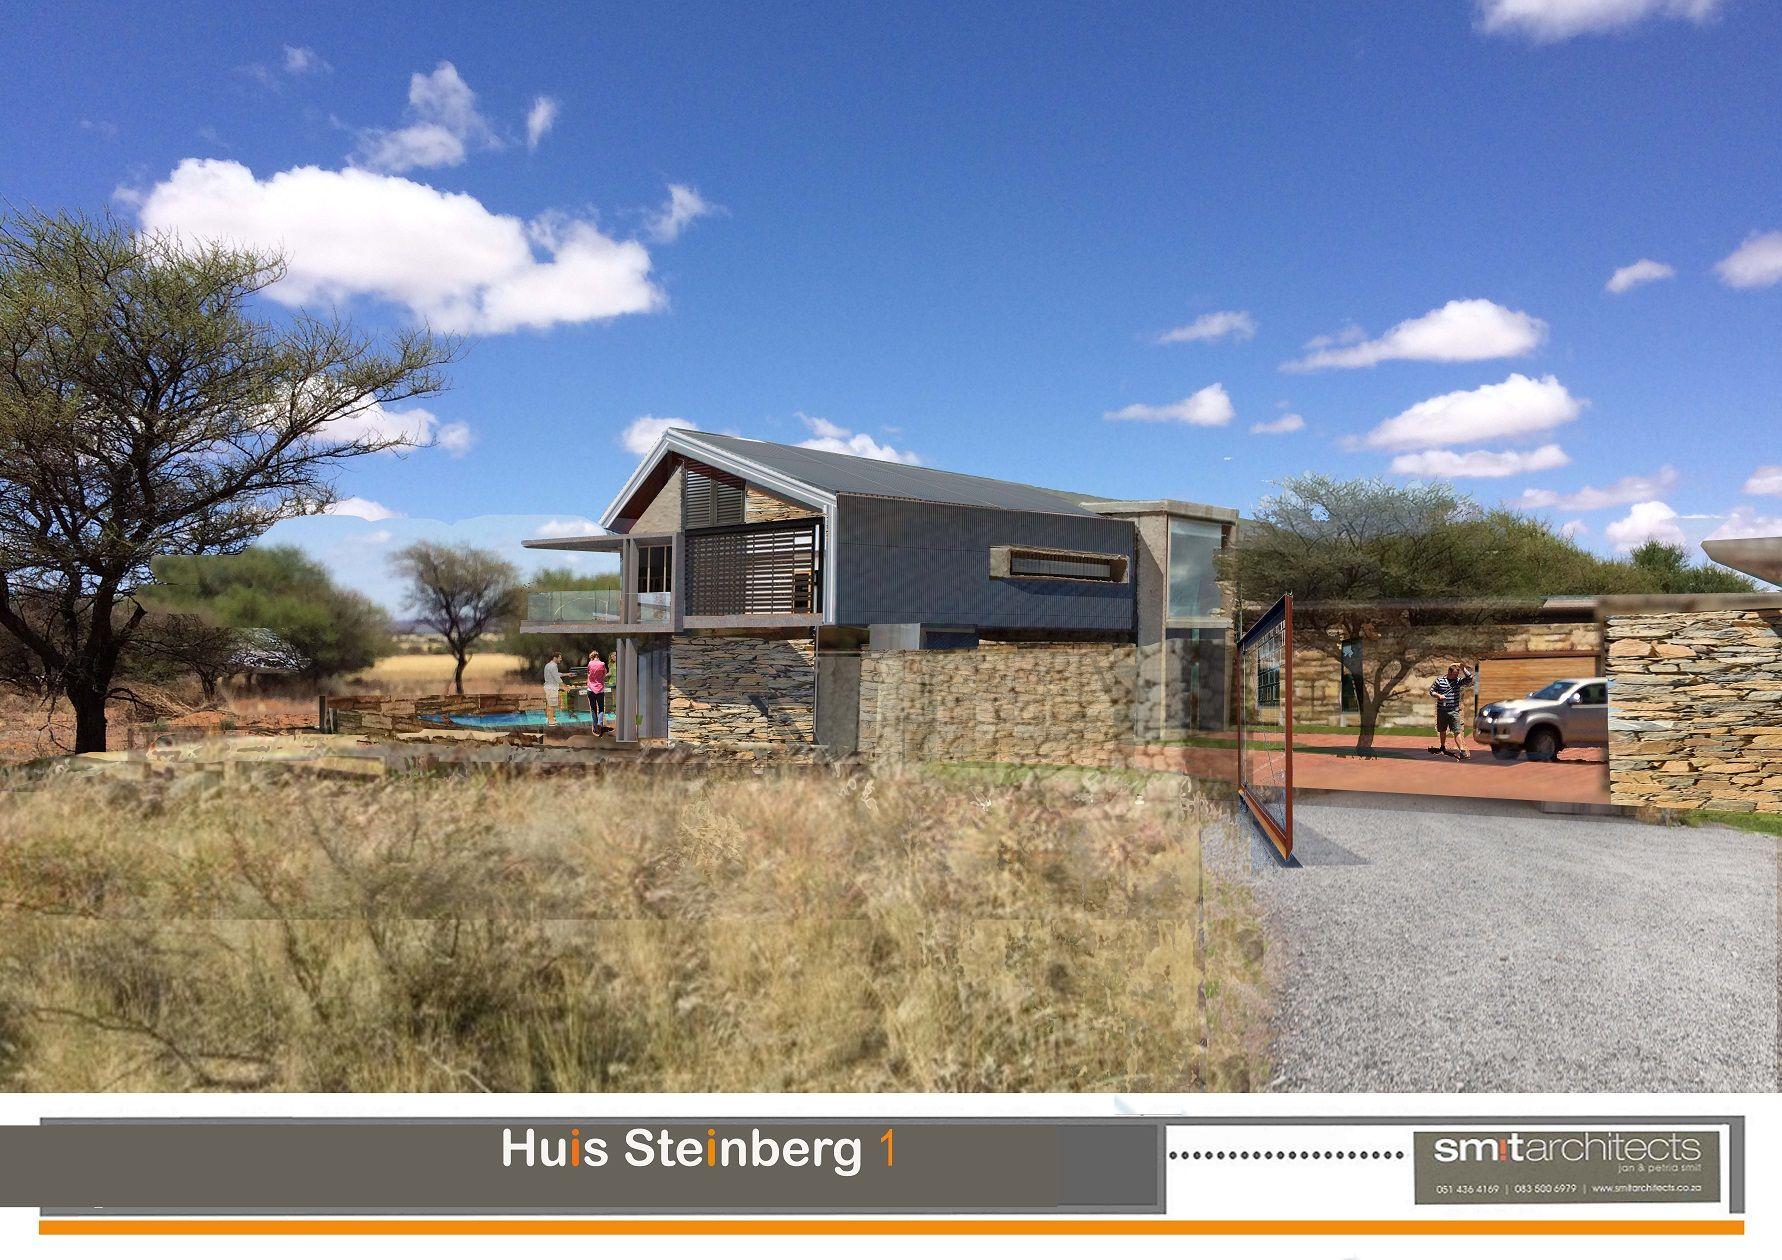 Sm t Architects House de Ville Douglas South Africa Rendering